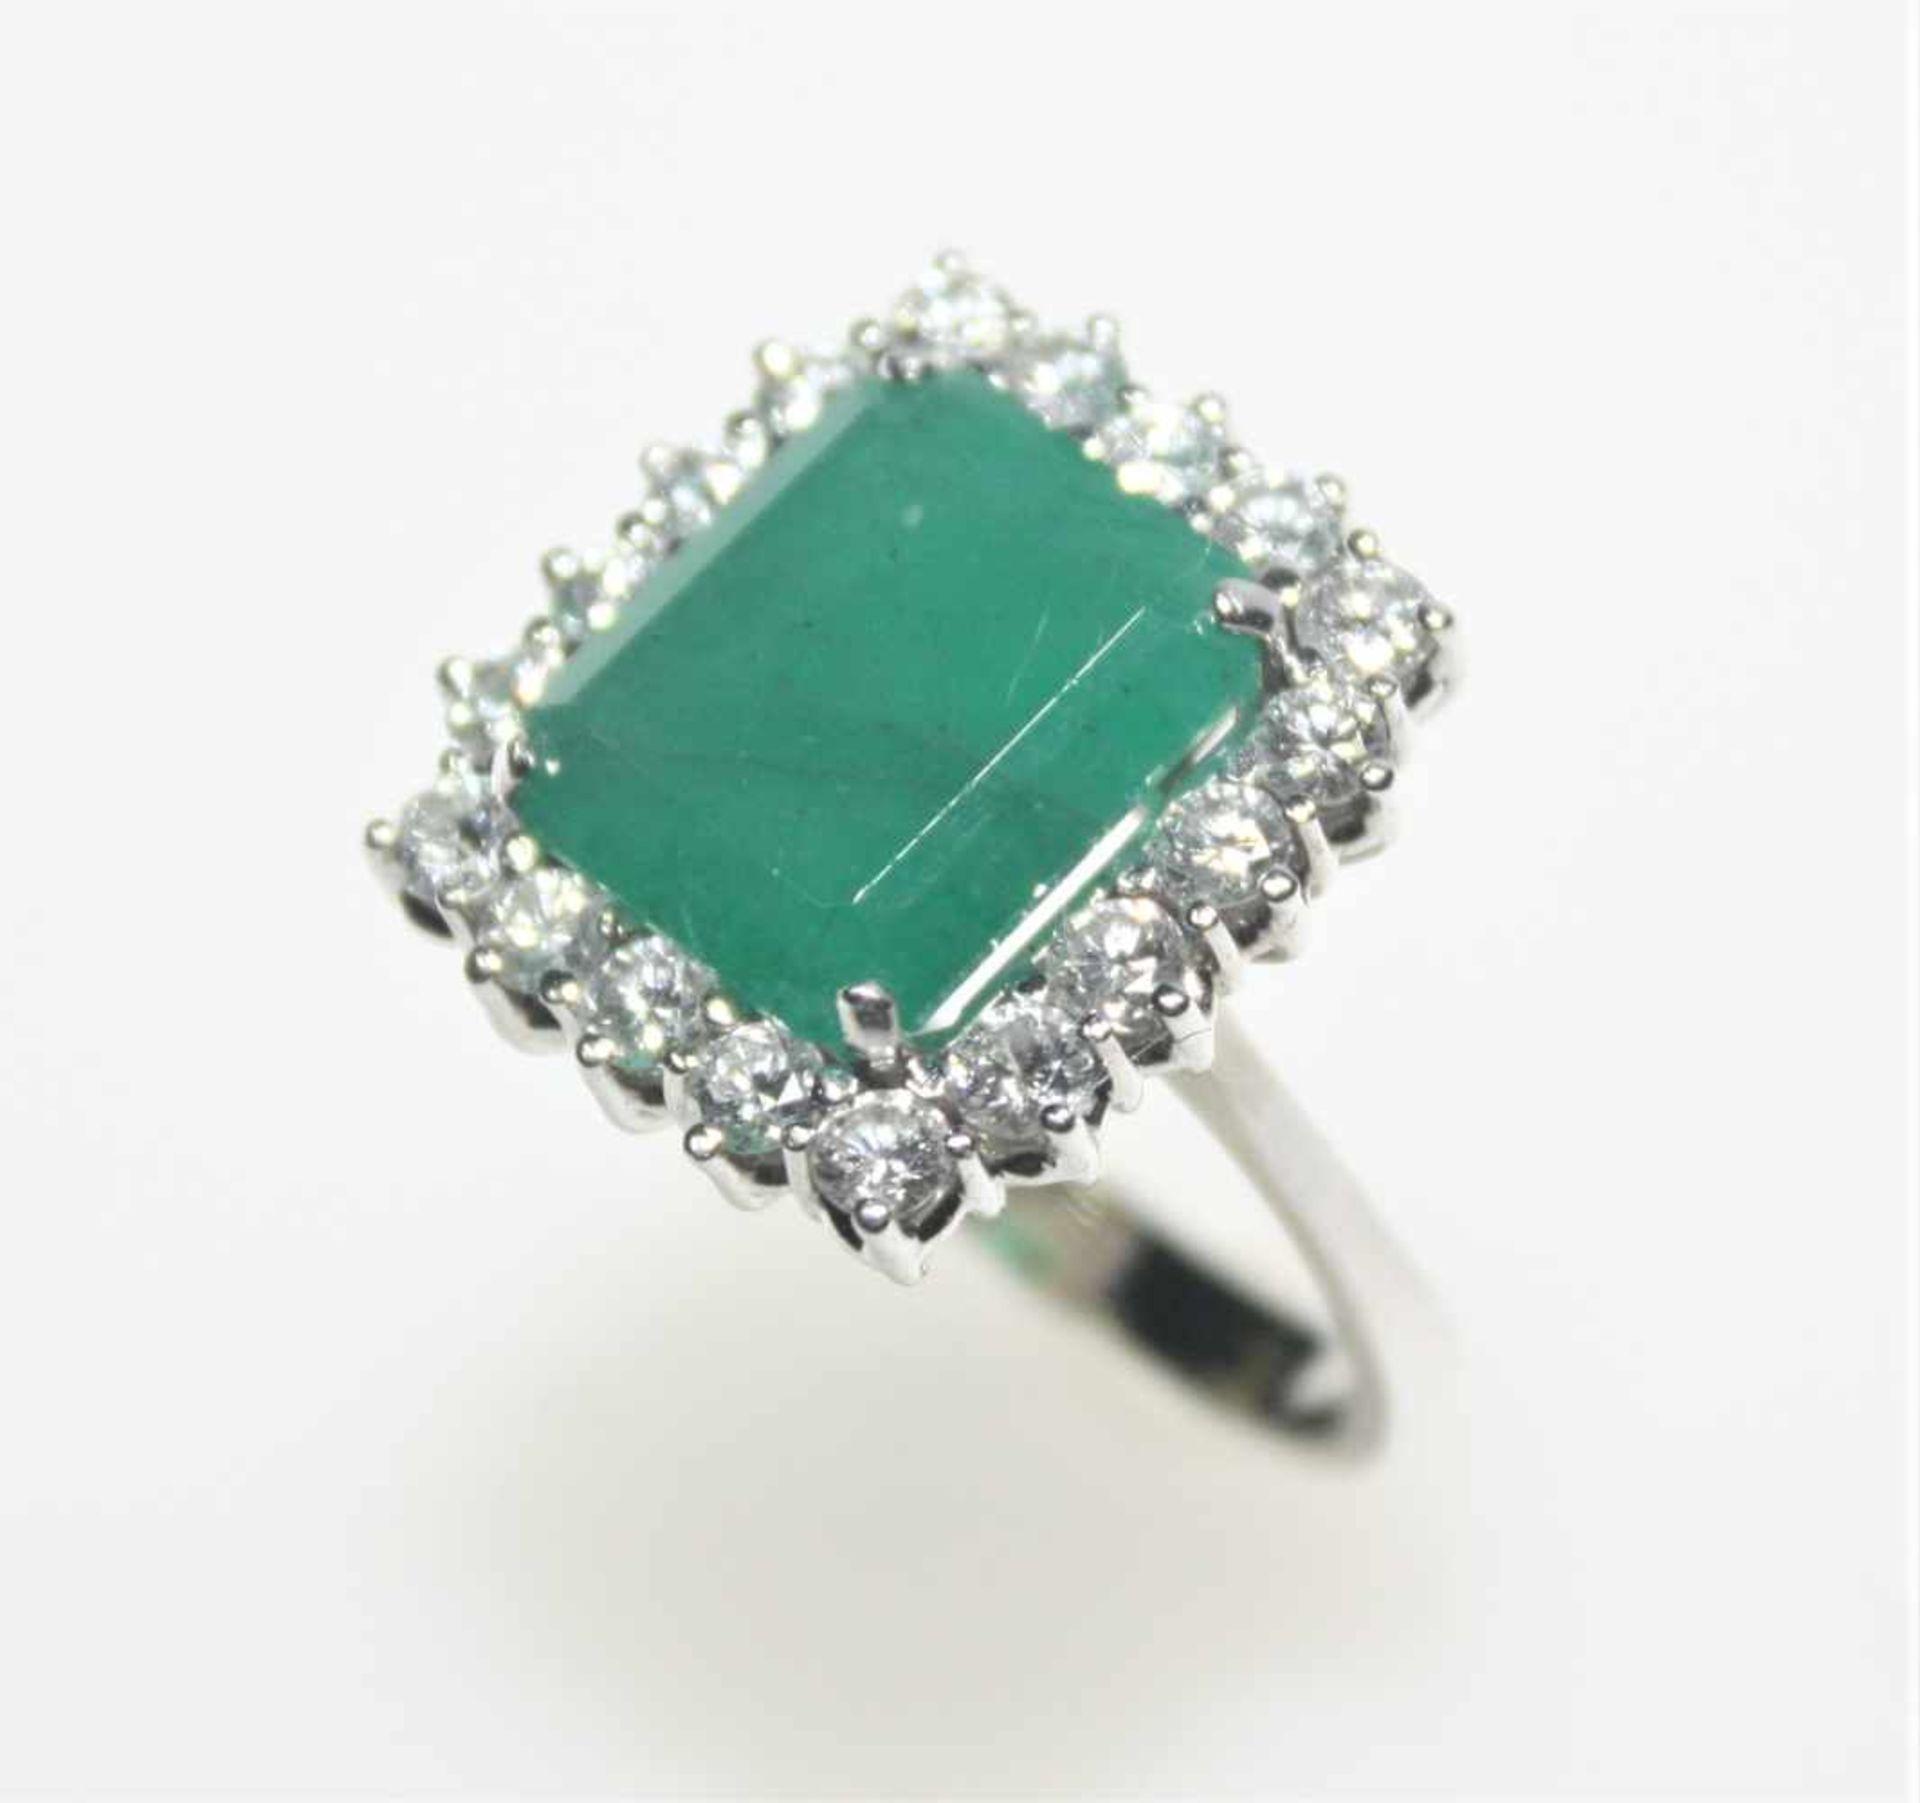 Los 34 - Weißgoldring 585/f gest. mit einem achteckigen Smaragd in Treppenschliff umgeben von Diamanten in